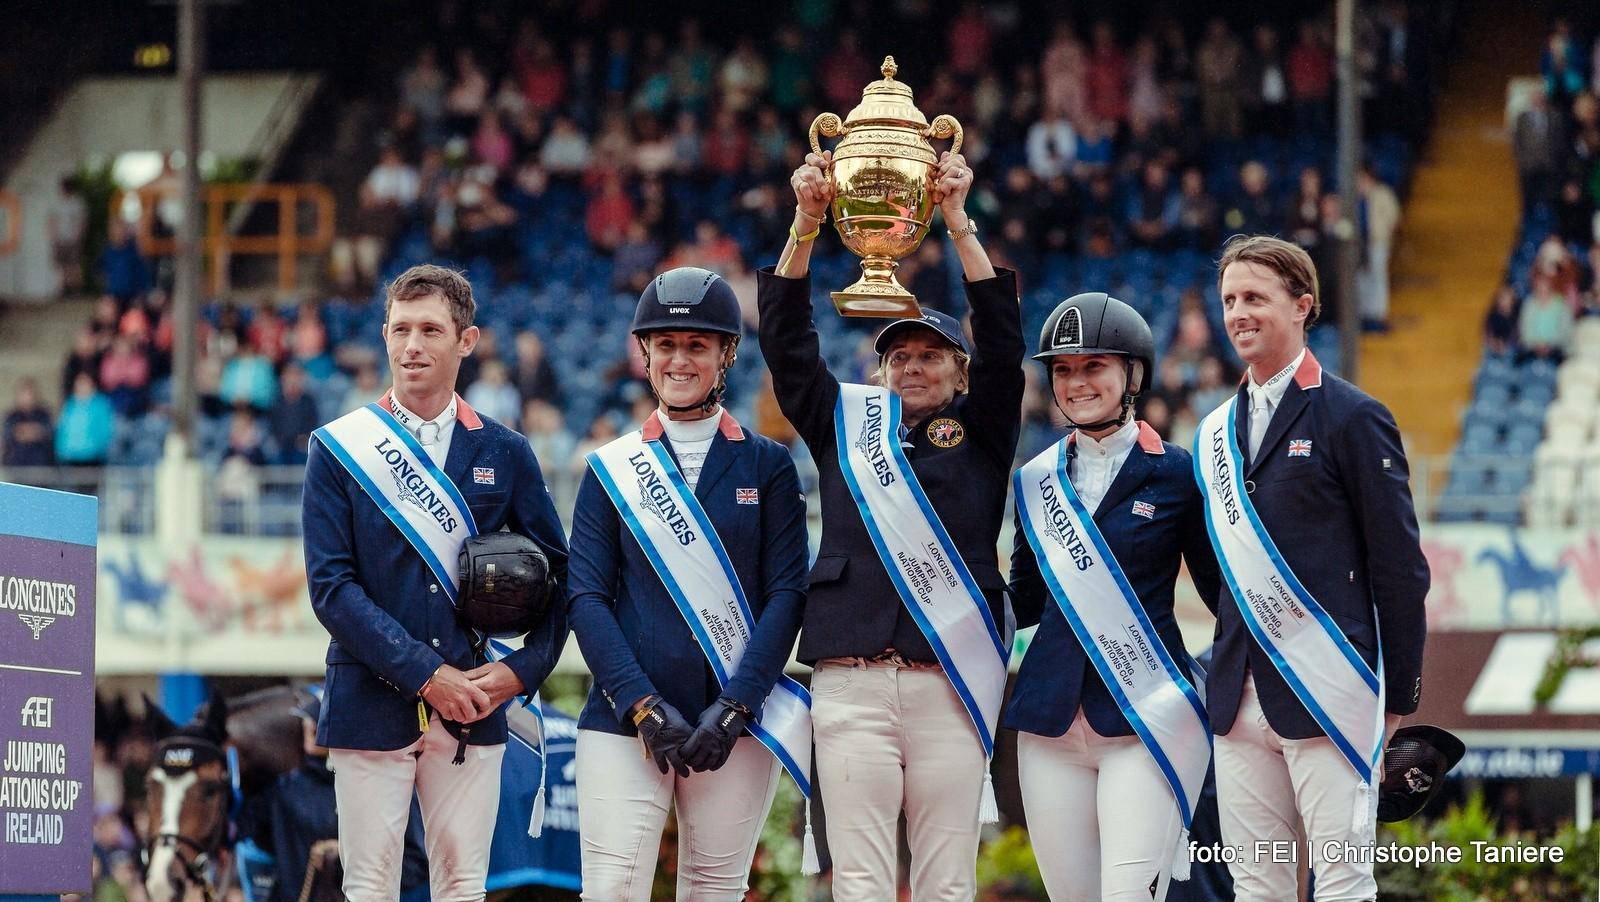 Nederlandse springruiters met lege handen in Nations Cup Dublin